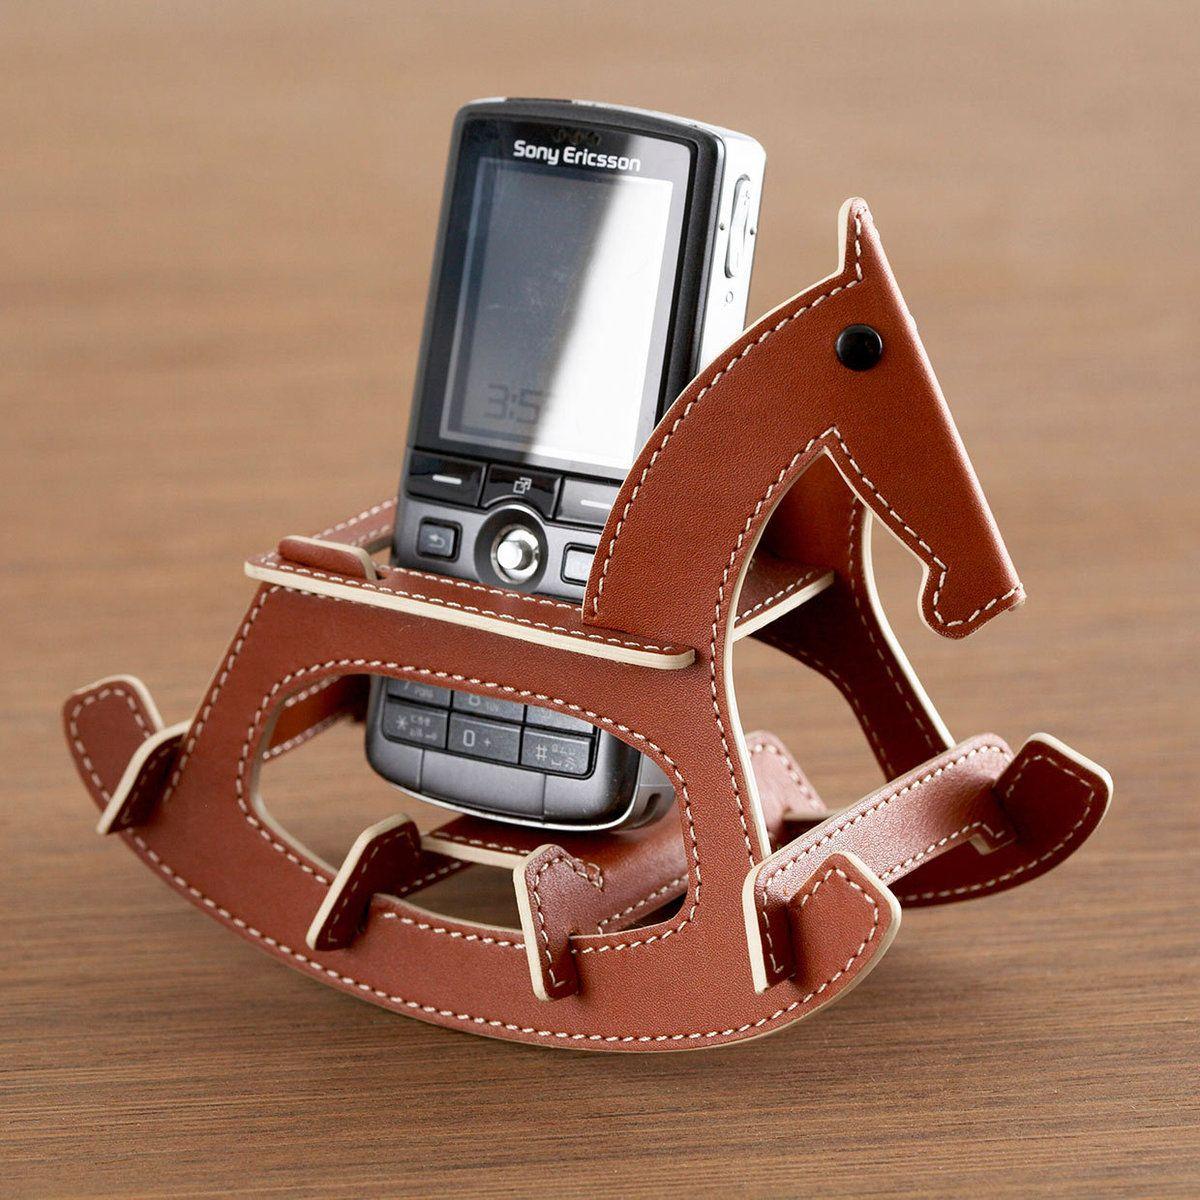 35 rocking horse phone holder brown anregungen f r zuk nftige projekte pinterest. Black Bedroom Furniture Sets. Home Design Ideas